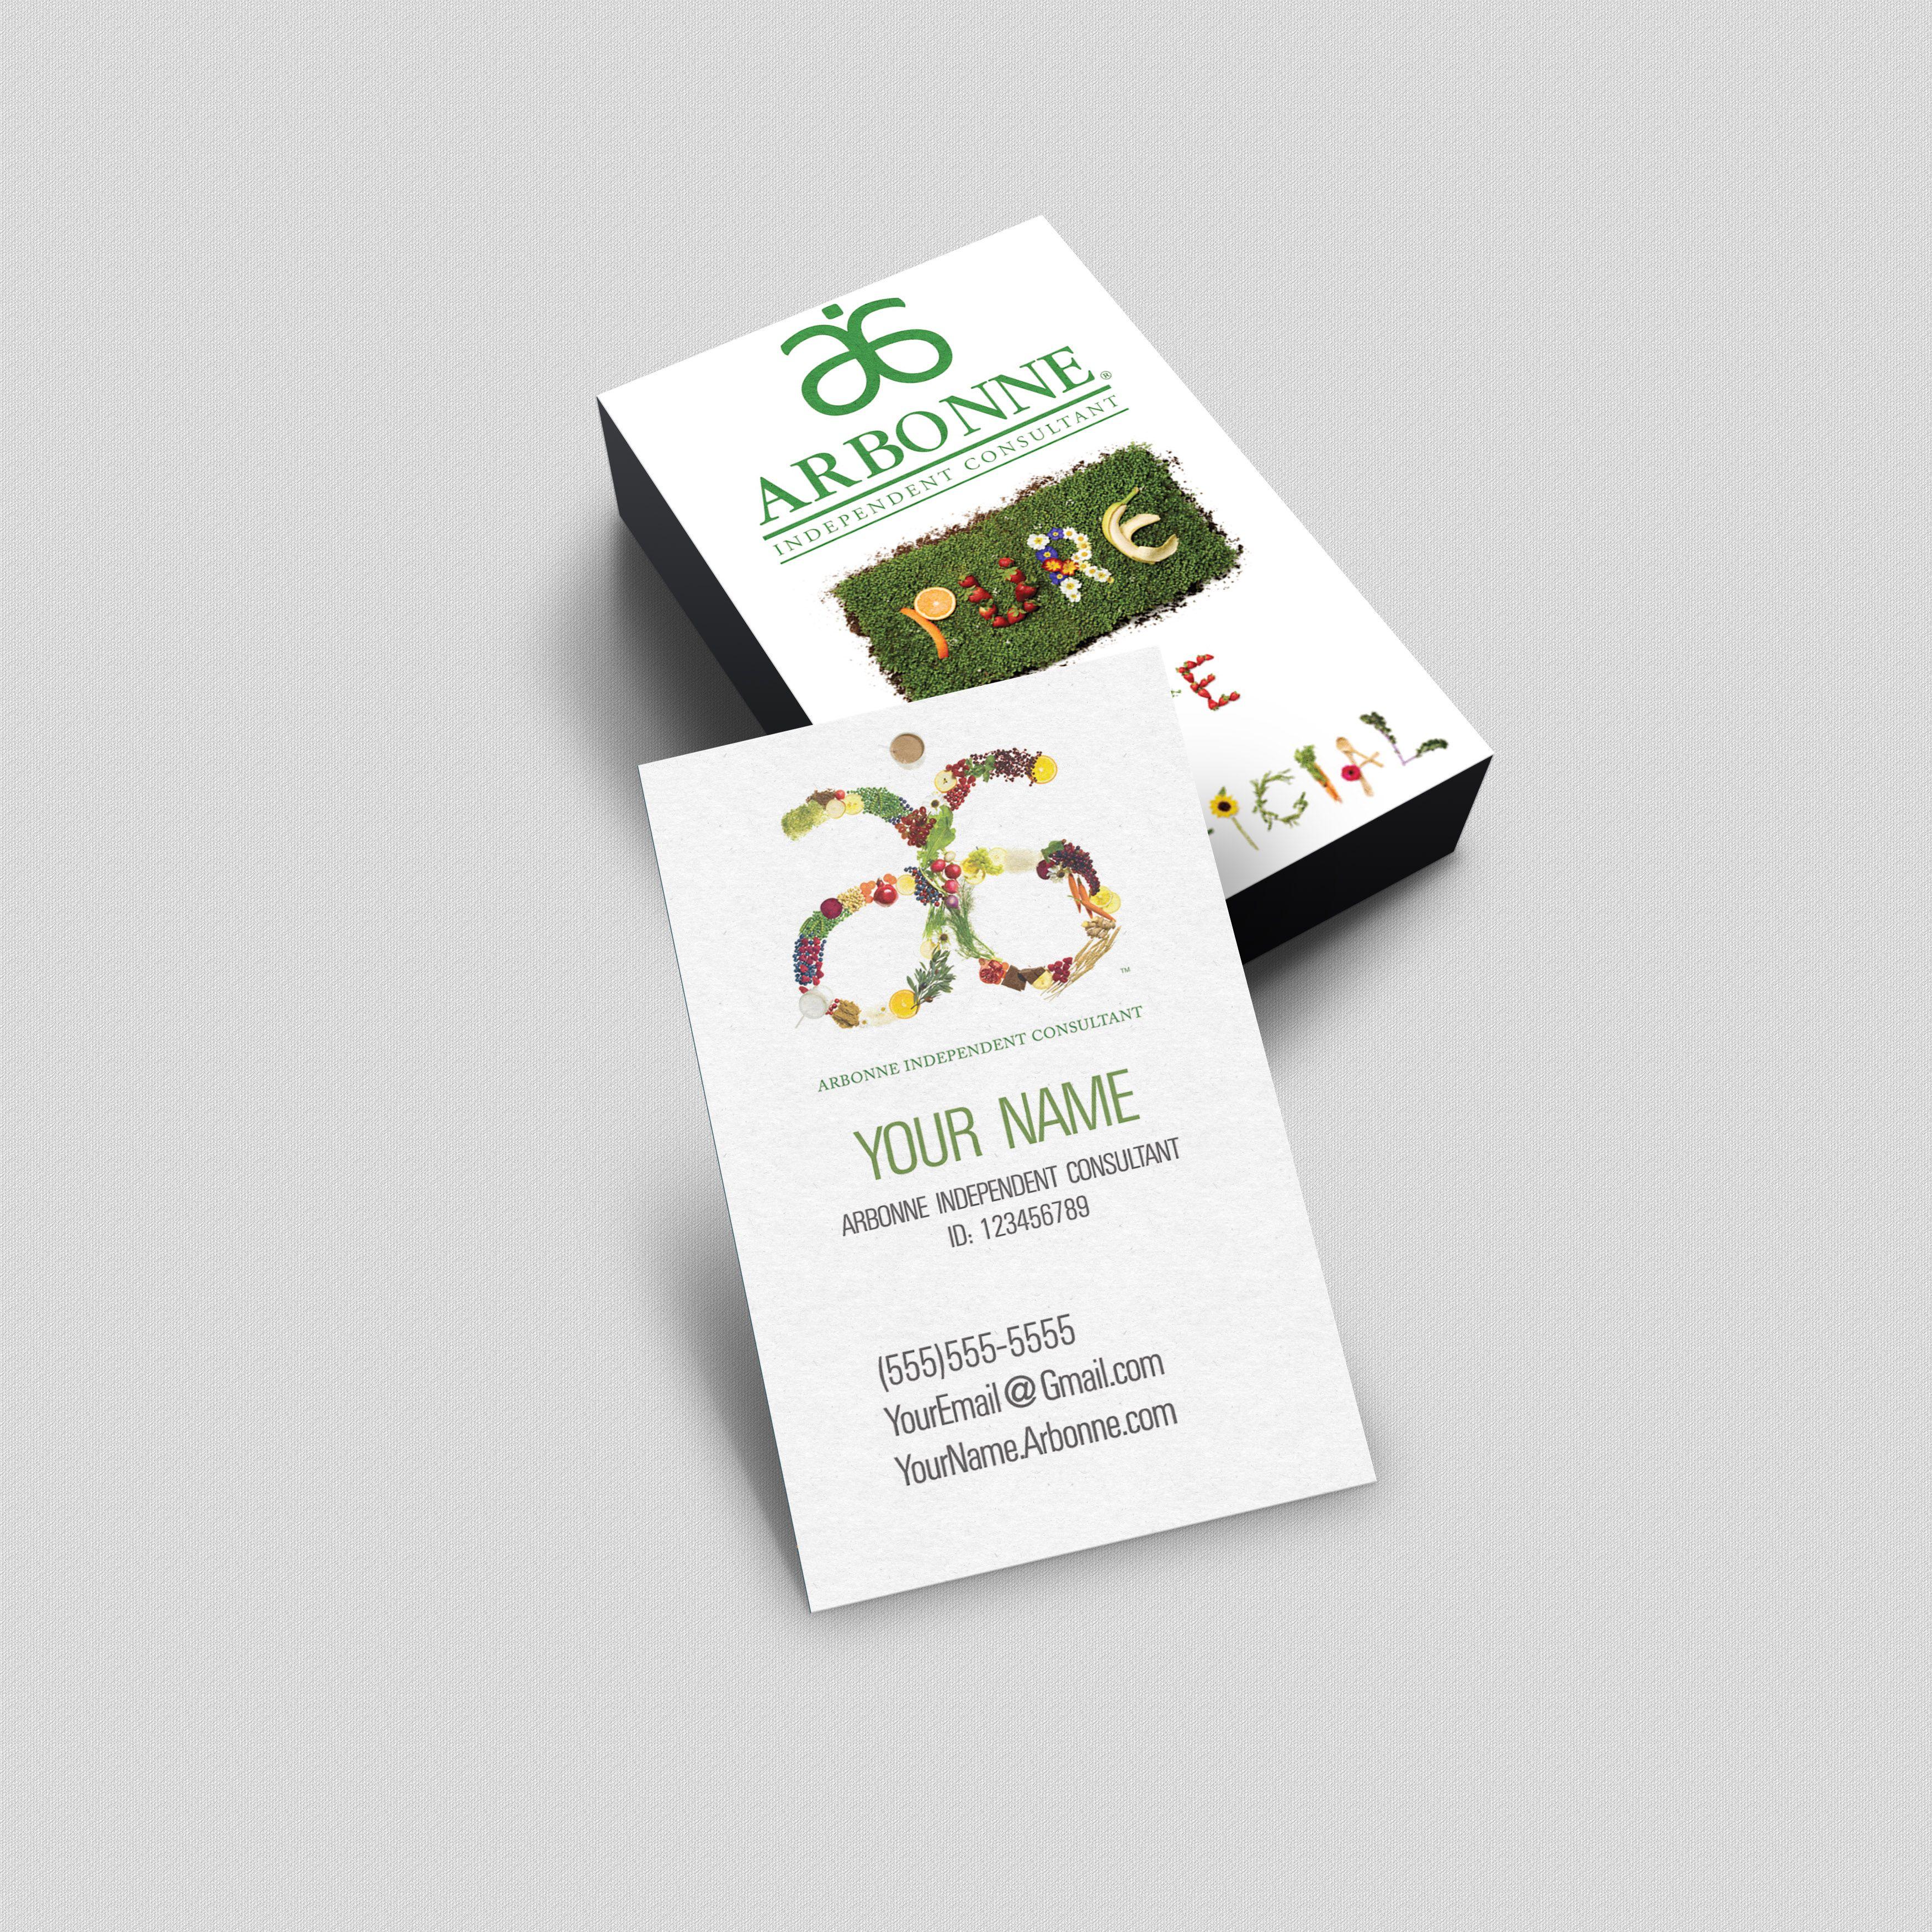 Arbonne Business Card - Pure Safe Beneficial | arbonne Entrepreneur ...